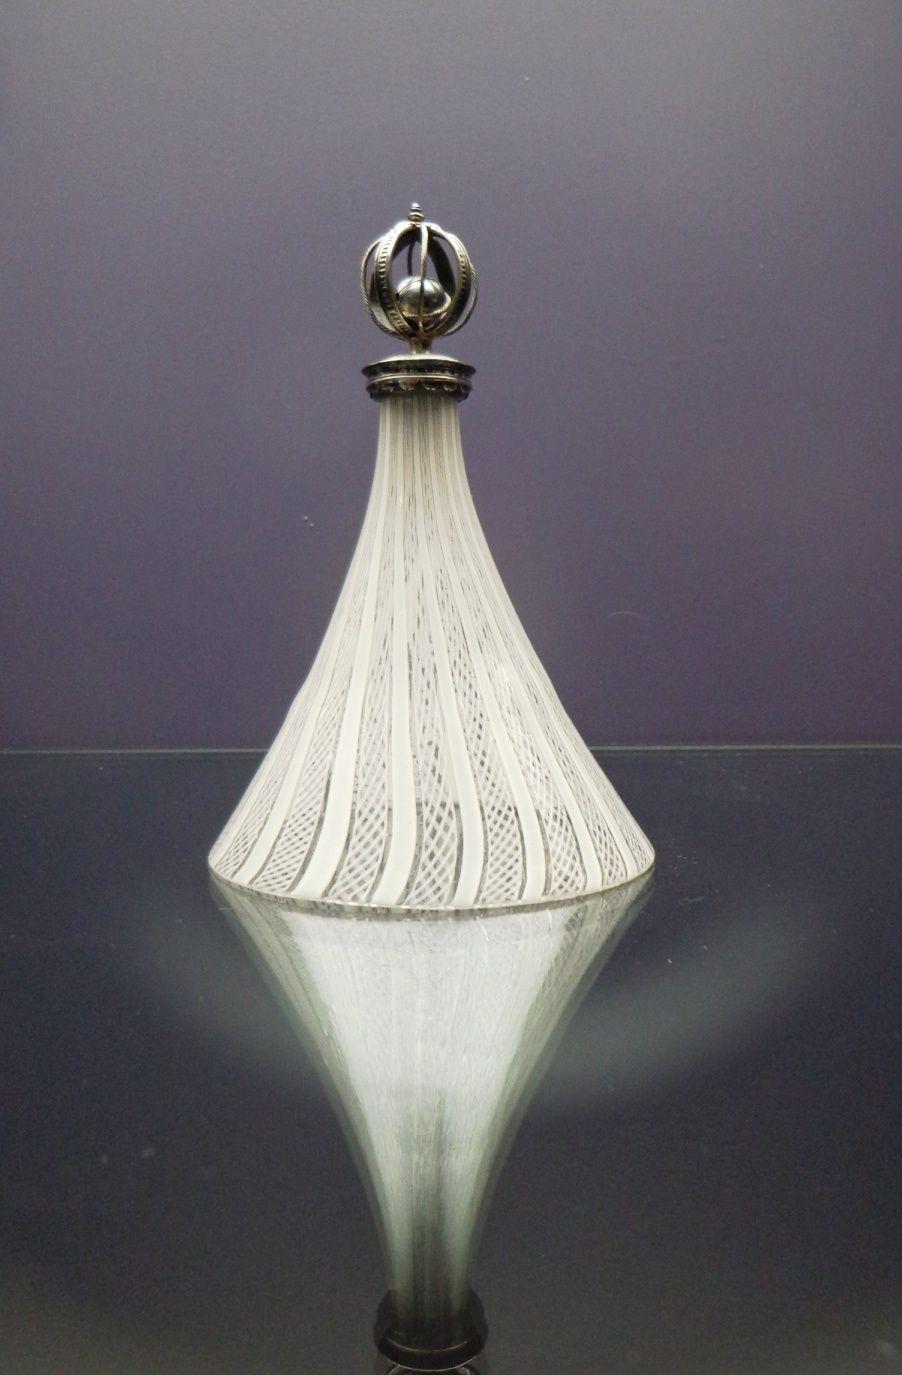 Grelot résonnant sur cloche de verre - 17e siècle